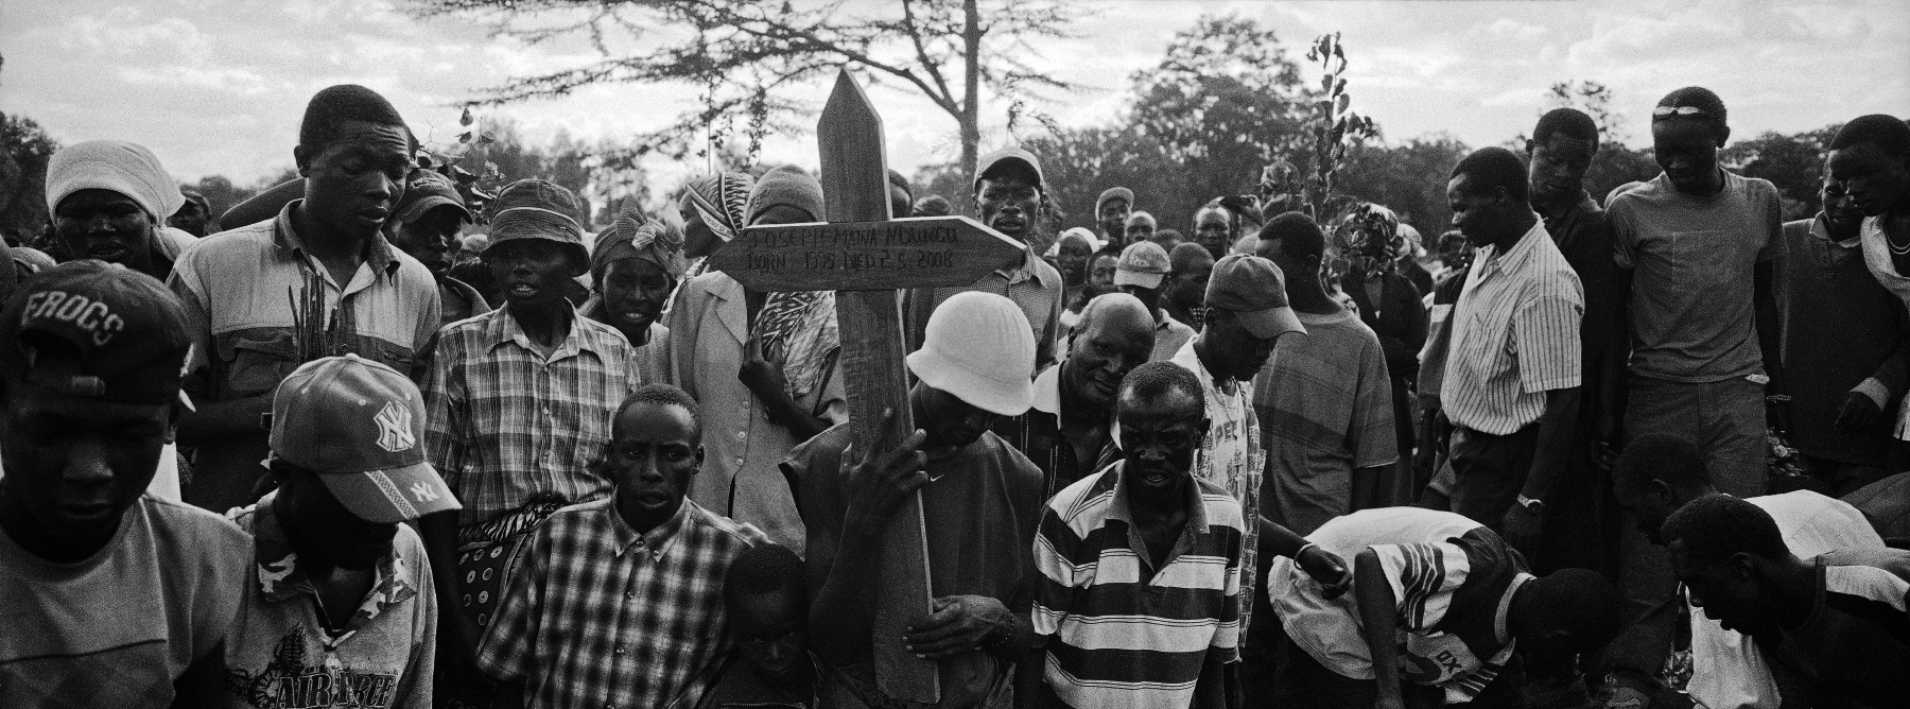 Funeral, Kenya.